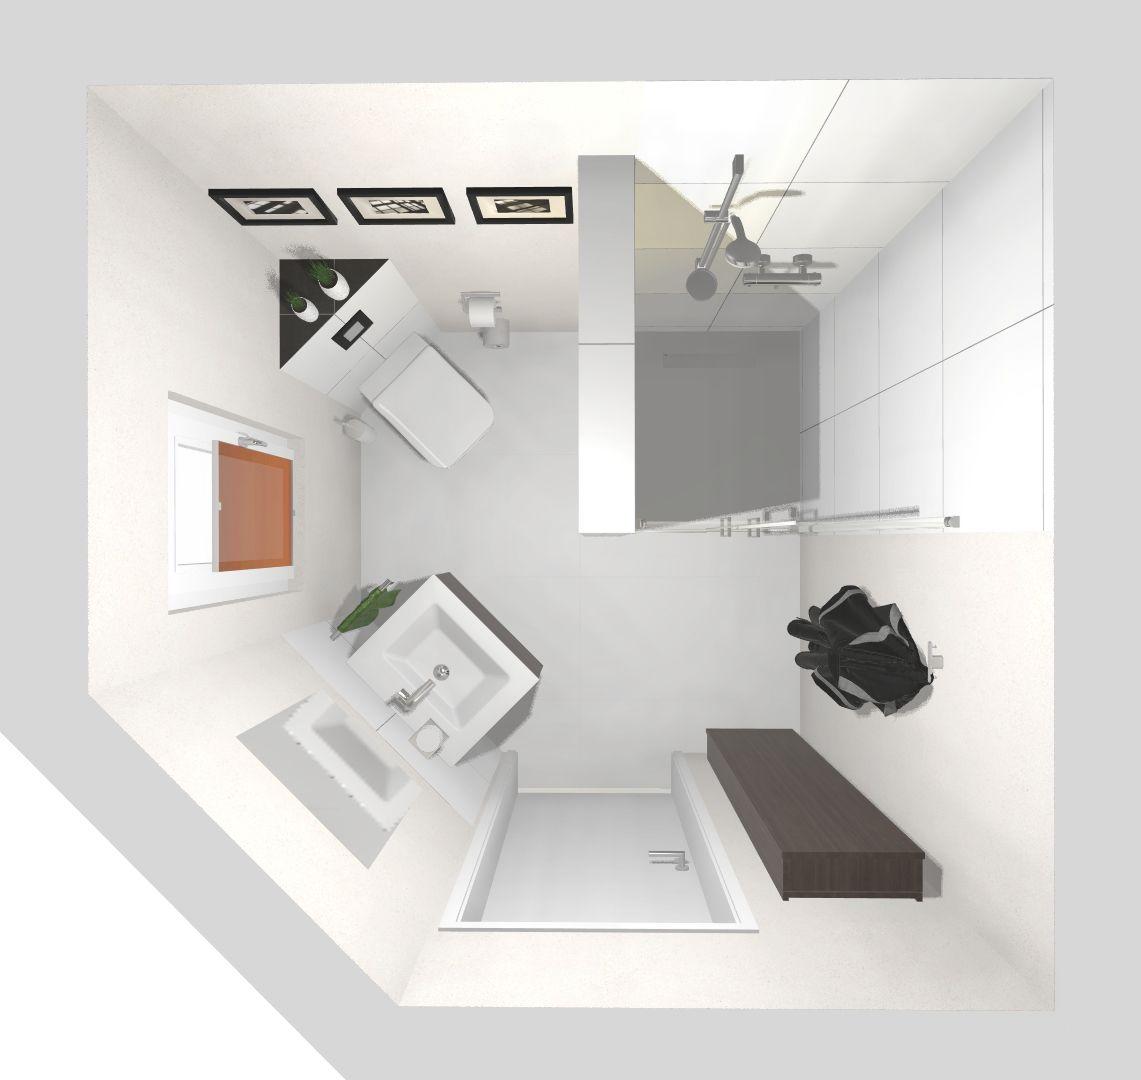 Das Asymmetrische Gastebad 3d Planung Vogelperspektive In 2020 Kleines Haus Badezimmer Gastebad Bad